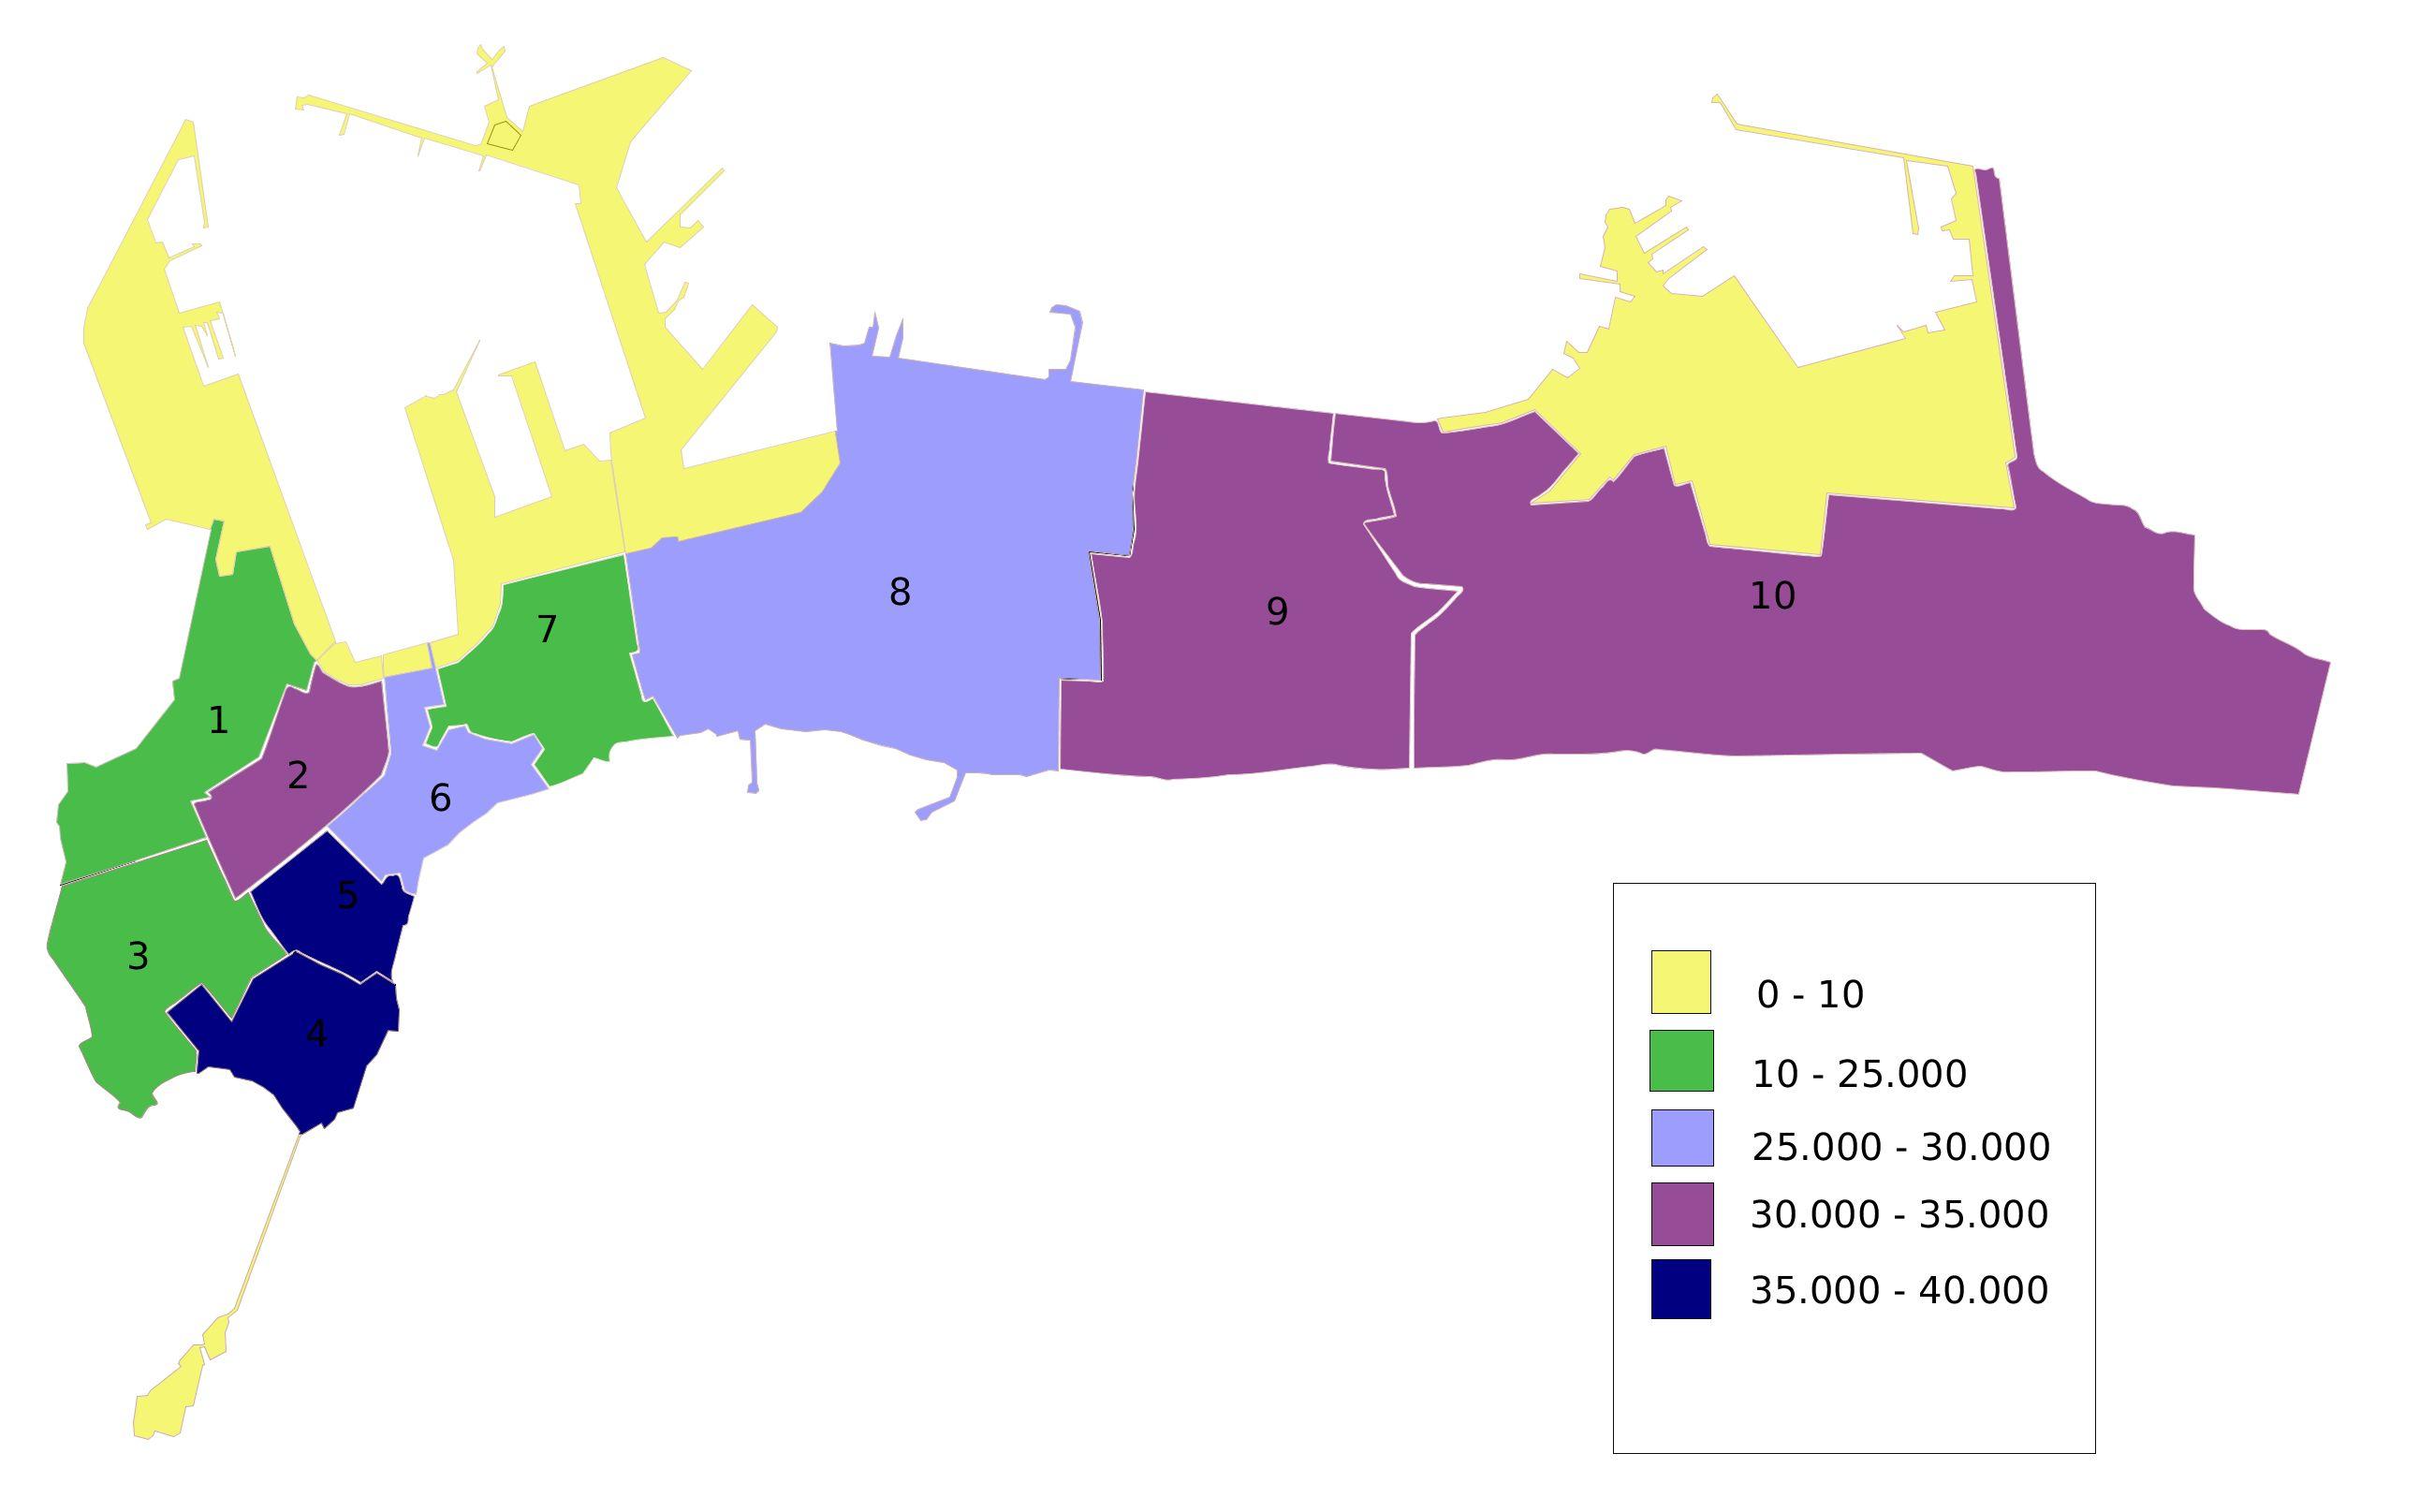 Divisiones de la ciudad de Cádiz 2007